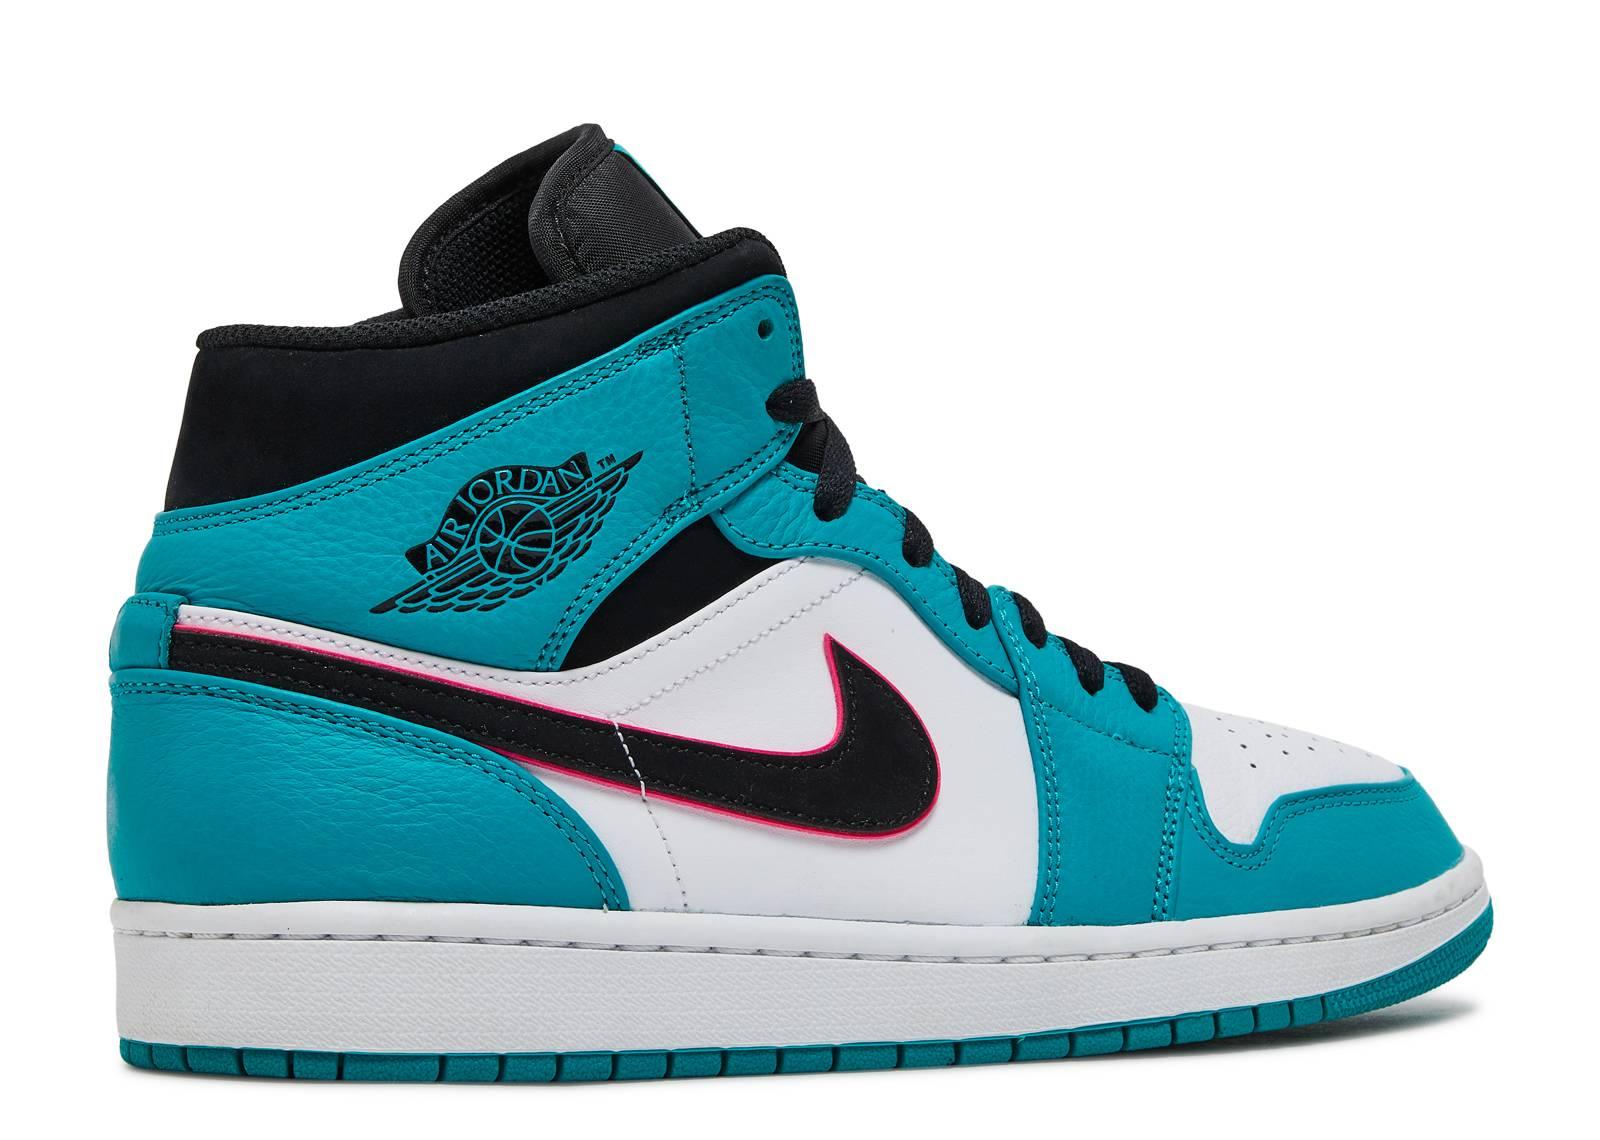 d9b3cf60f1b Air Jordan 1 Mid Se - Air Jordan - 852542 306 - turbo green black-hyper  pink